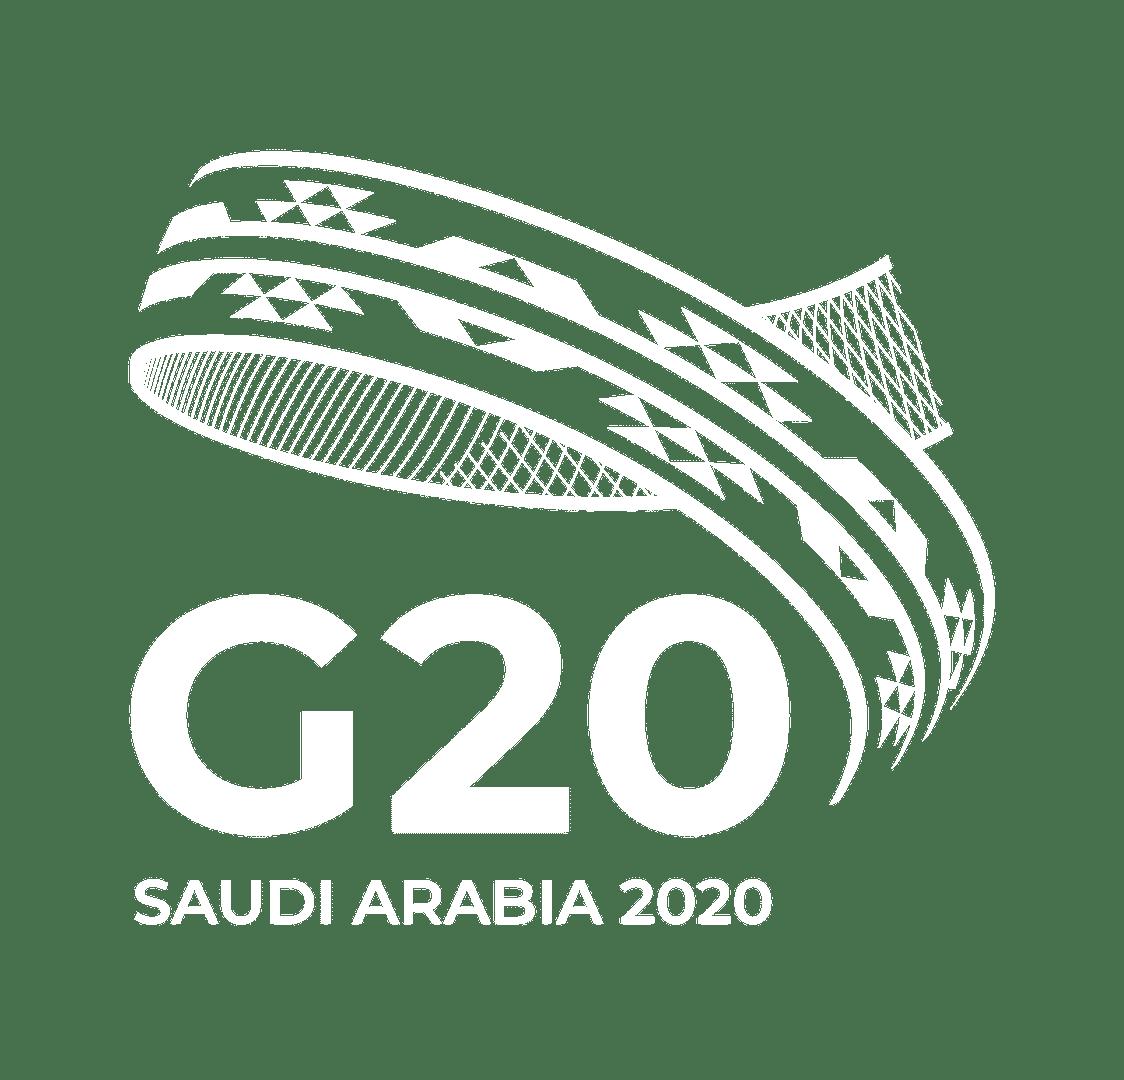 G20 Saudi Arabia 2020